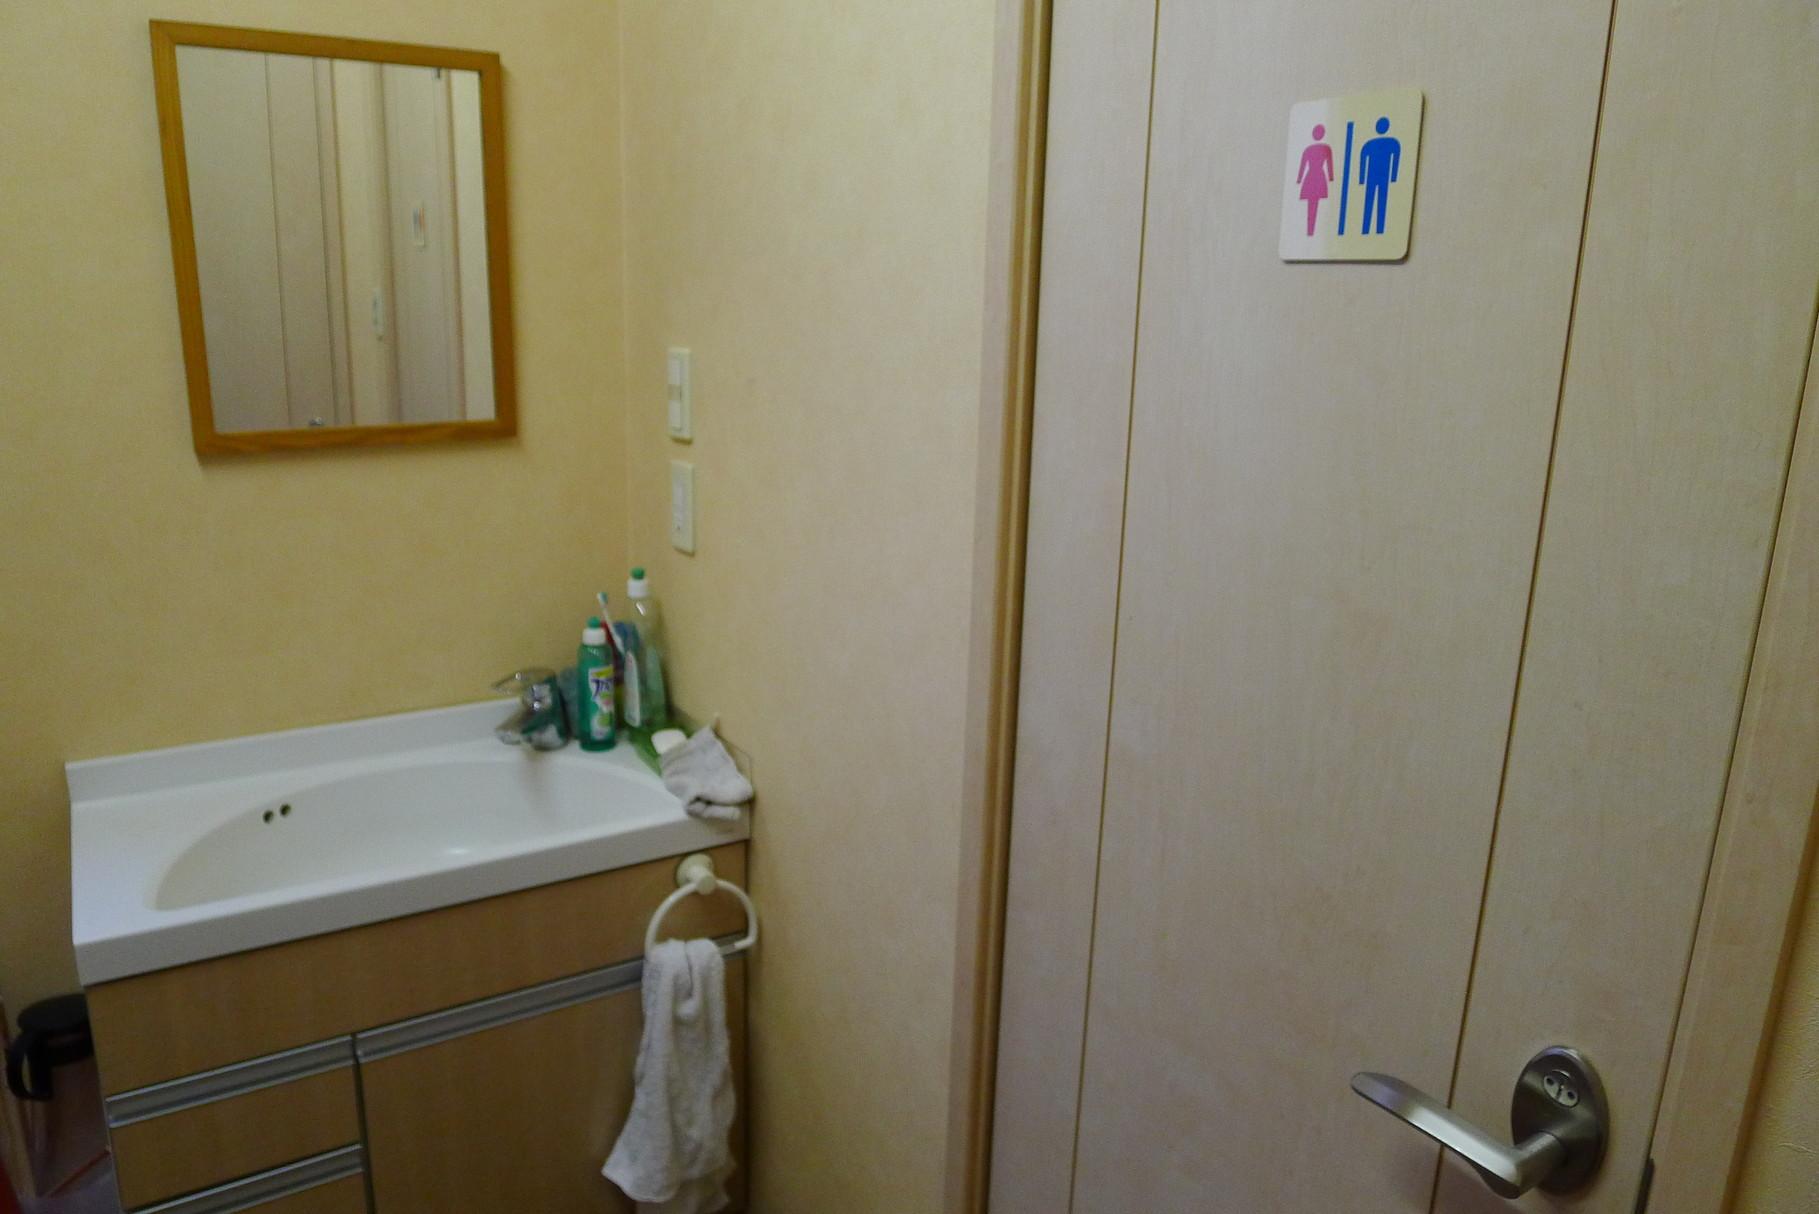 3階お手洗い前洗面スペース|身だしなみのチェックや女性のお化粧直しに便利です。